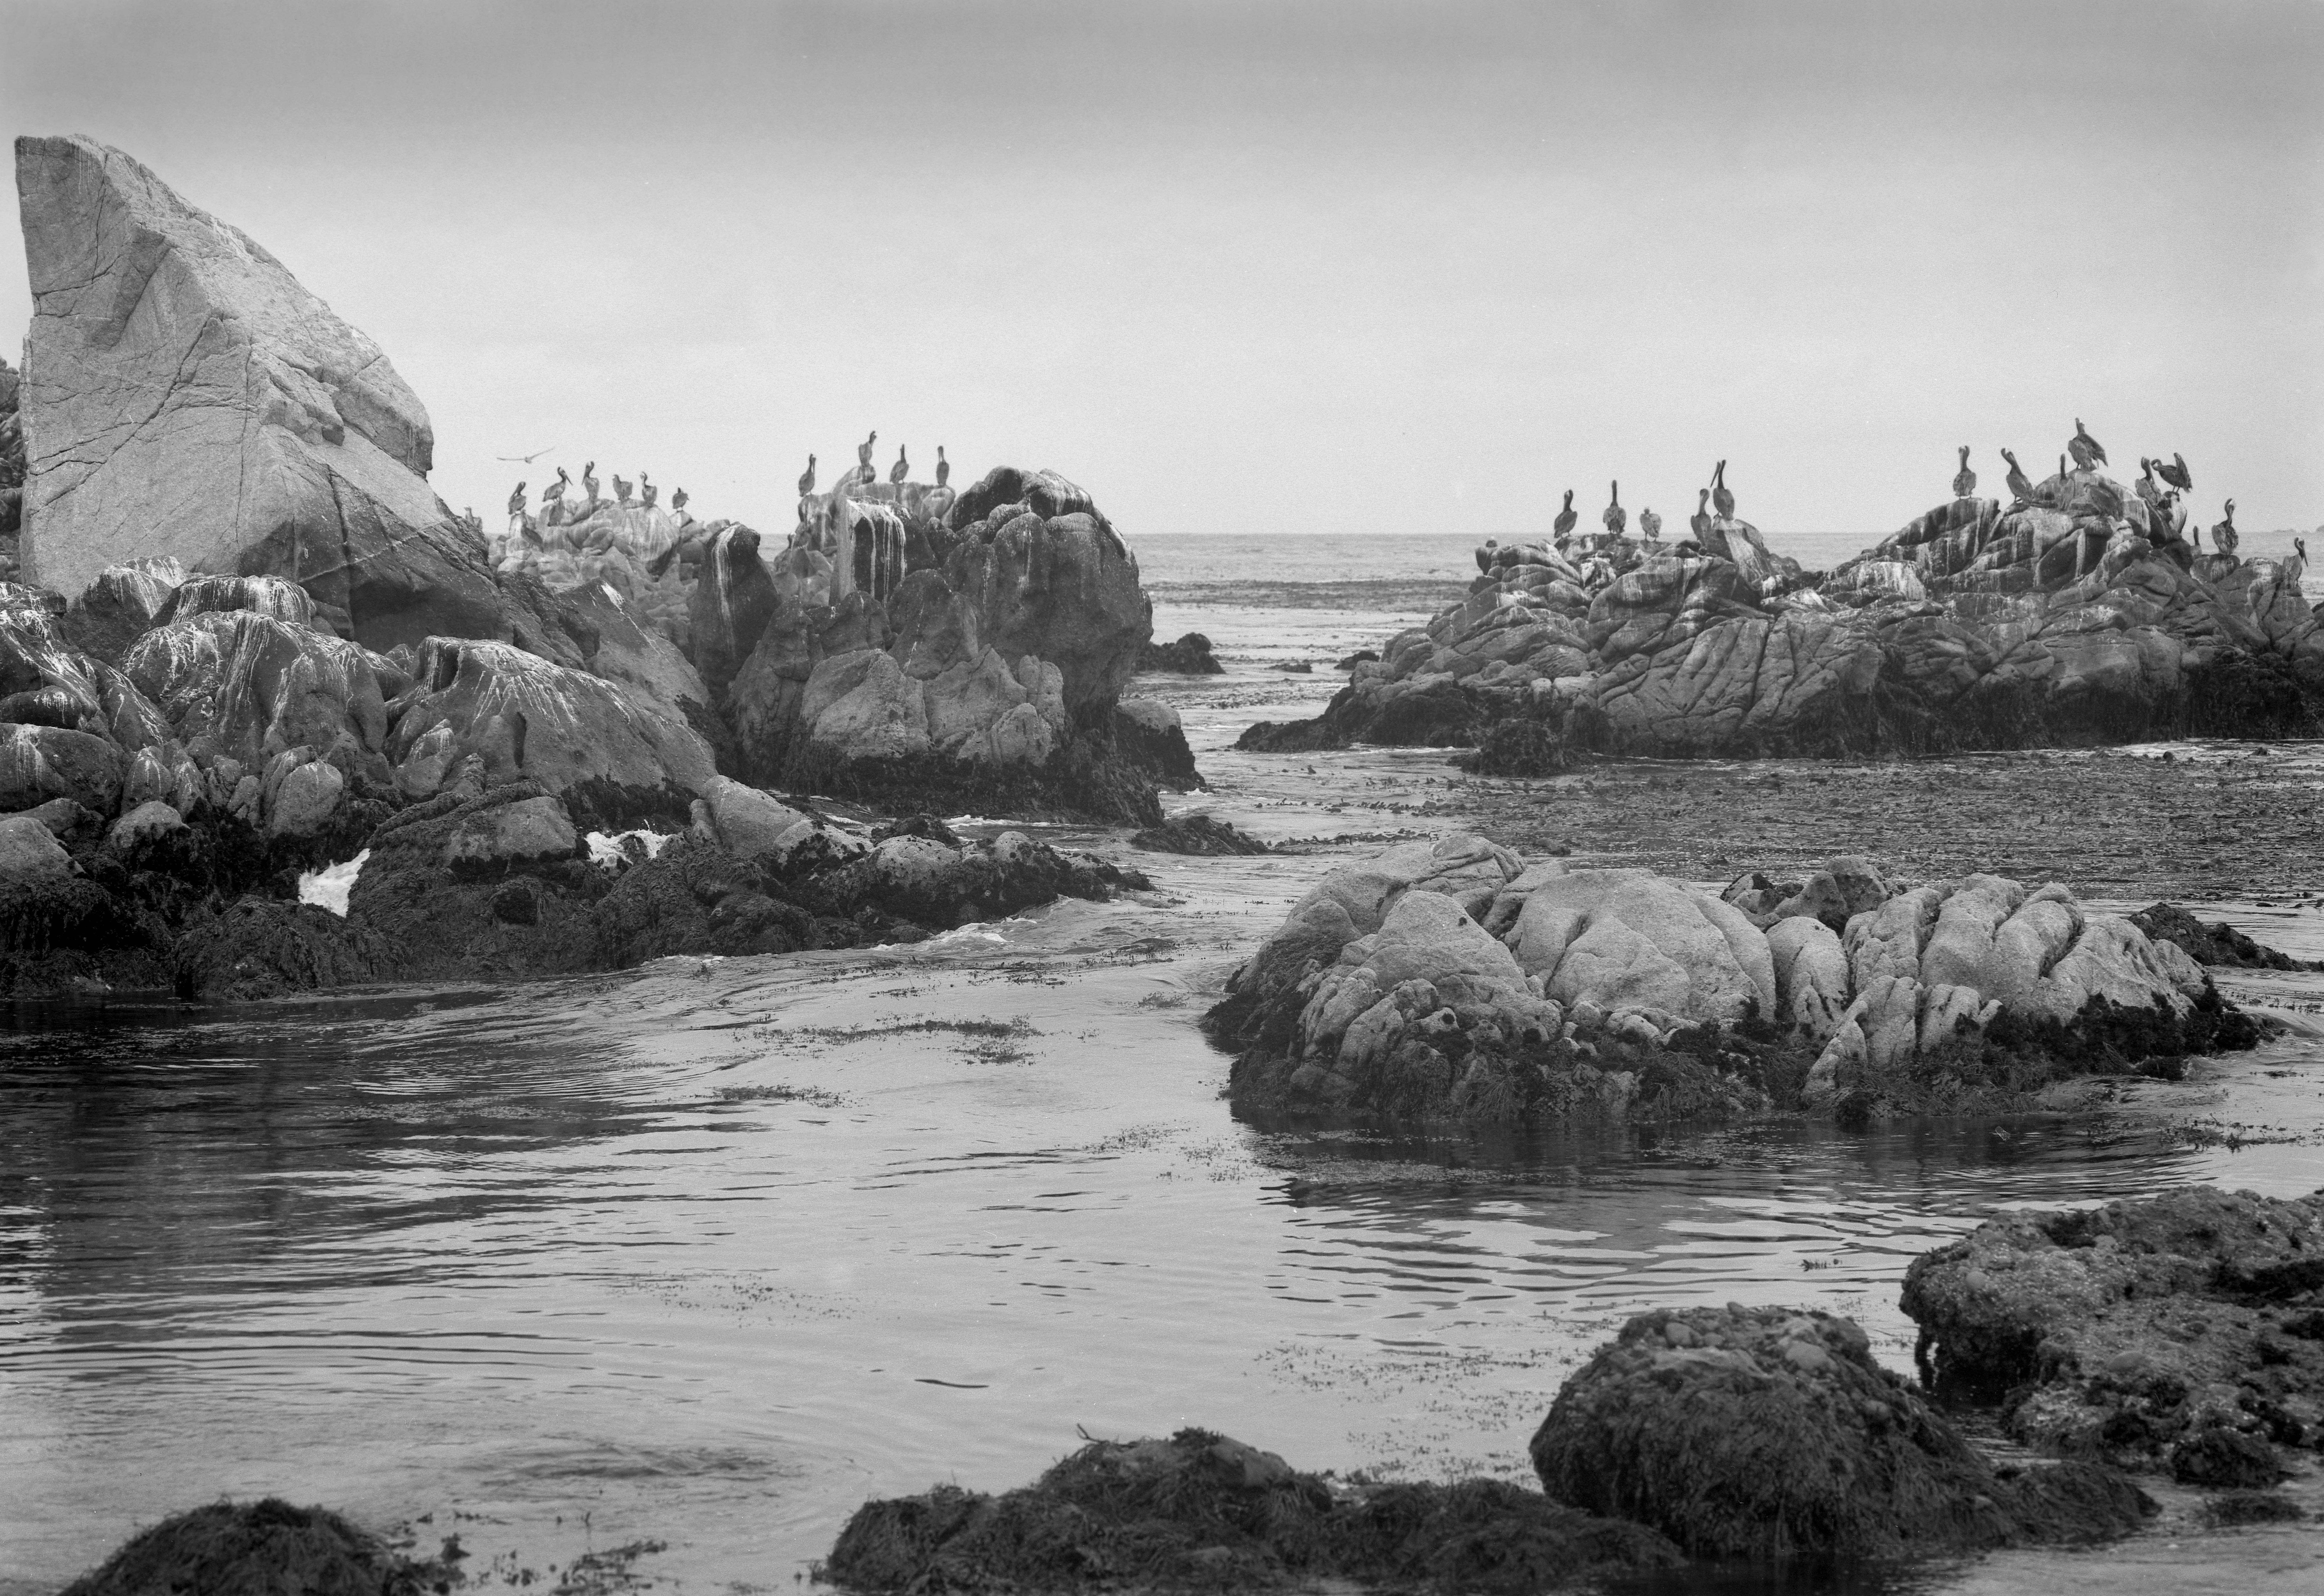 Point Lobos Pelicans